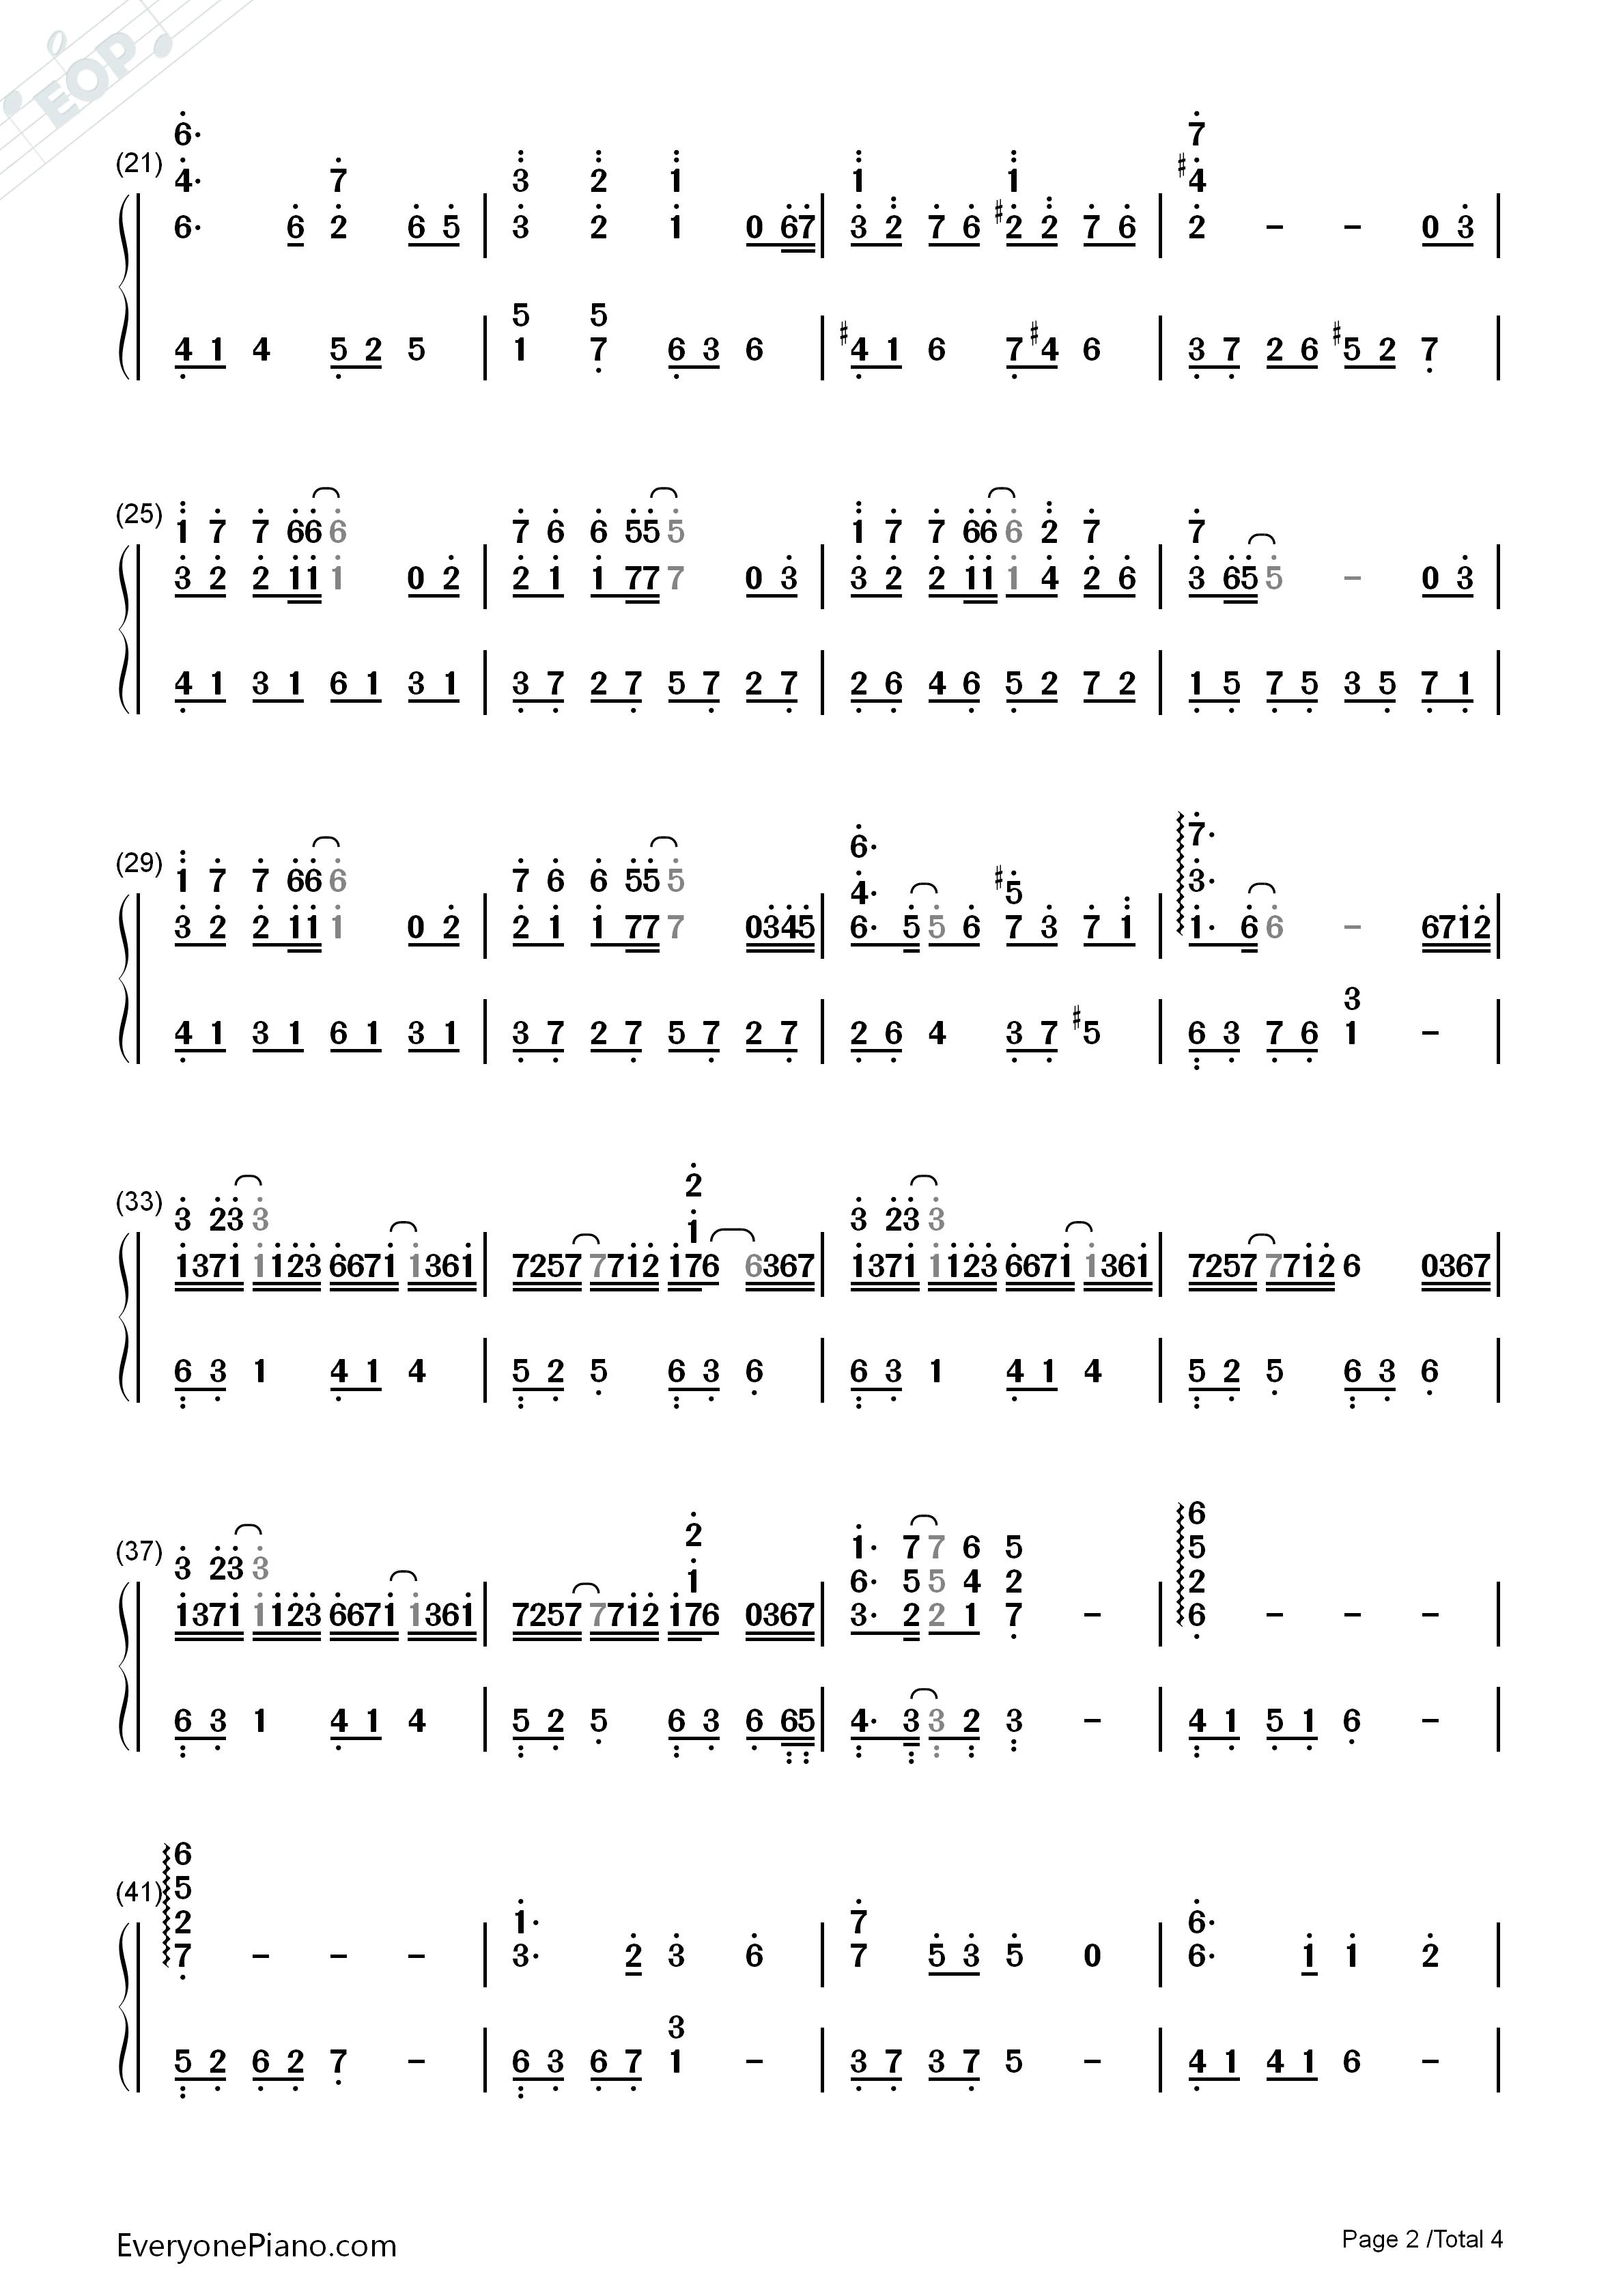 钢琴曲谱 轻音乐 手纸-西村由纪江 手纸-西村由纪江双手简谱预览2  }